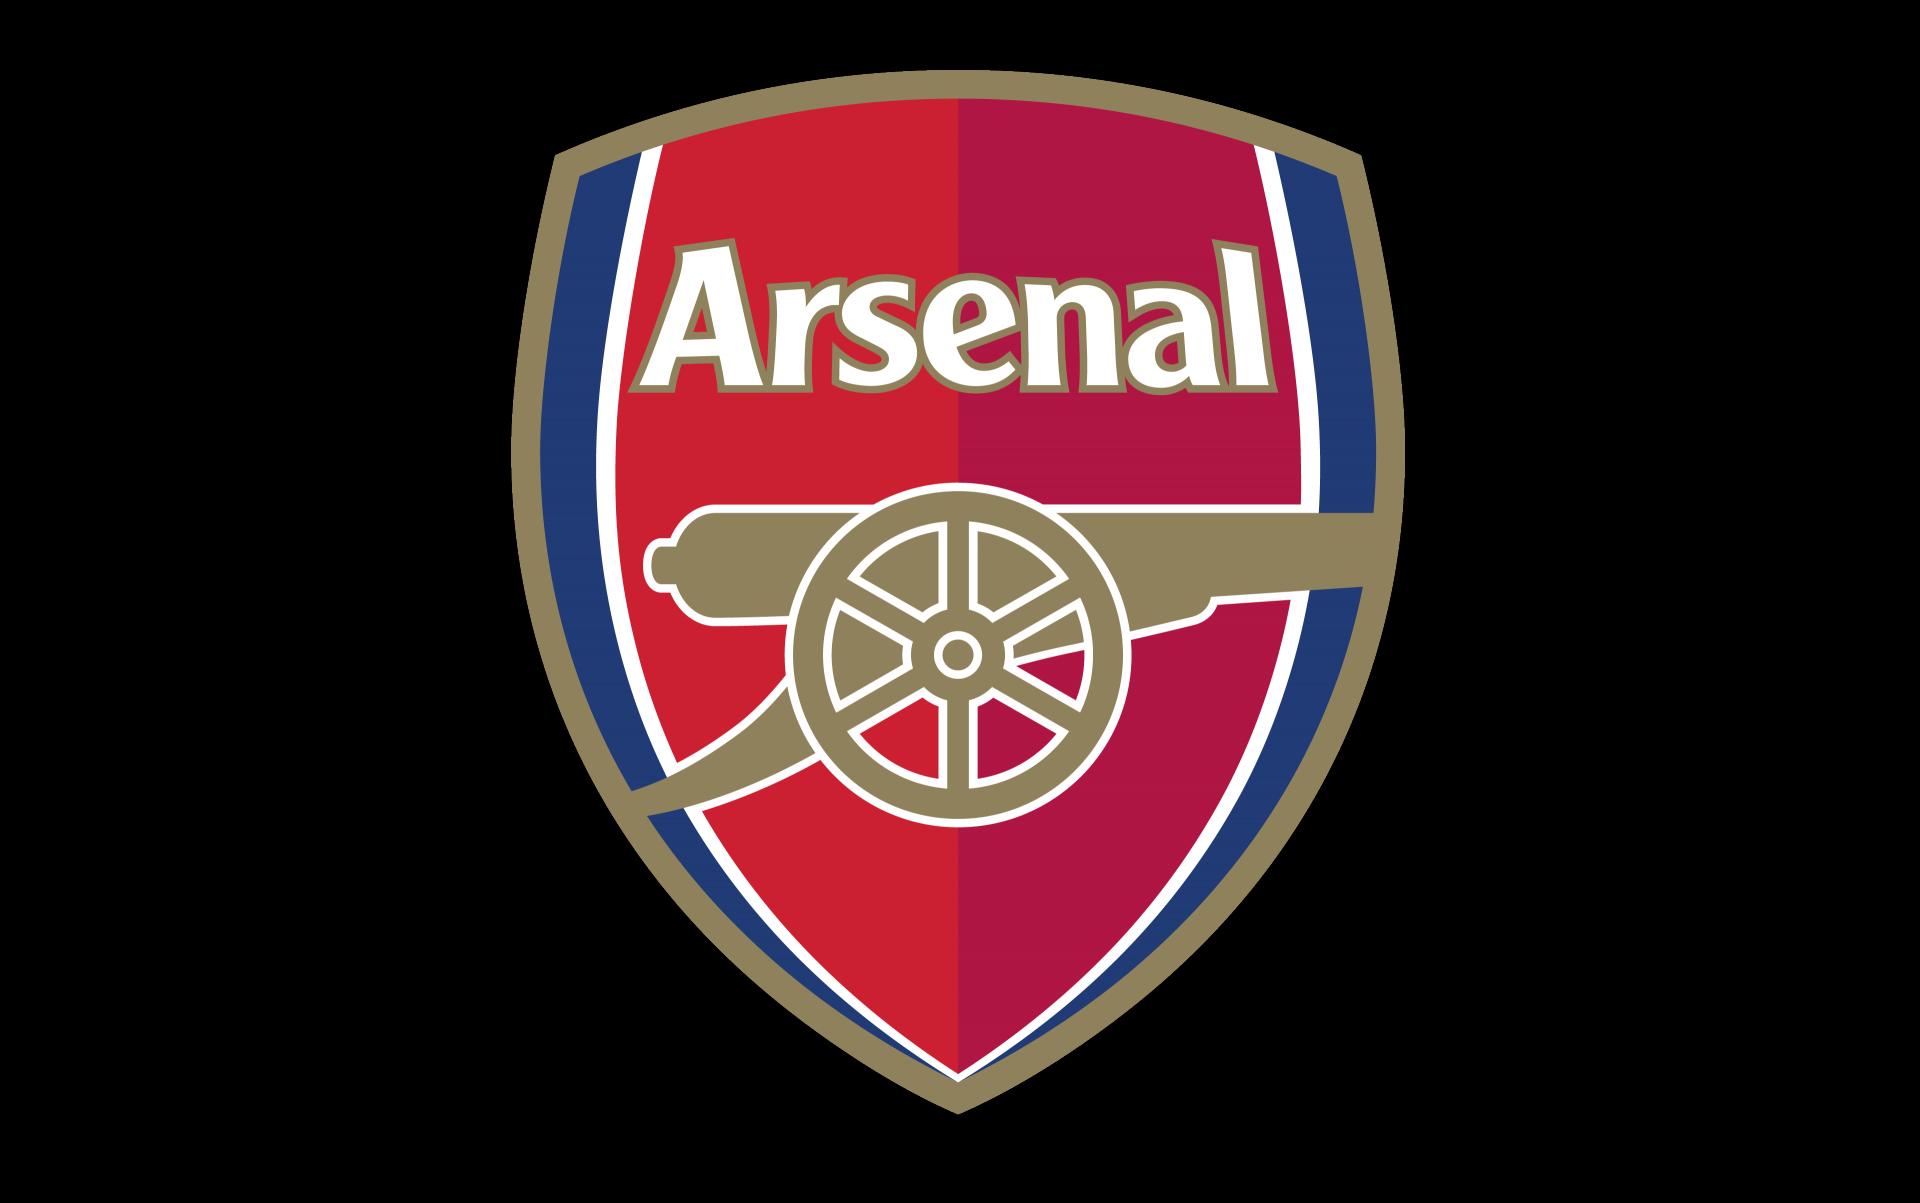 Tổng hợp logo Arsenal đẹp nhất trong 2020 Arsenal, Bóng